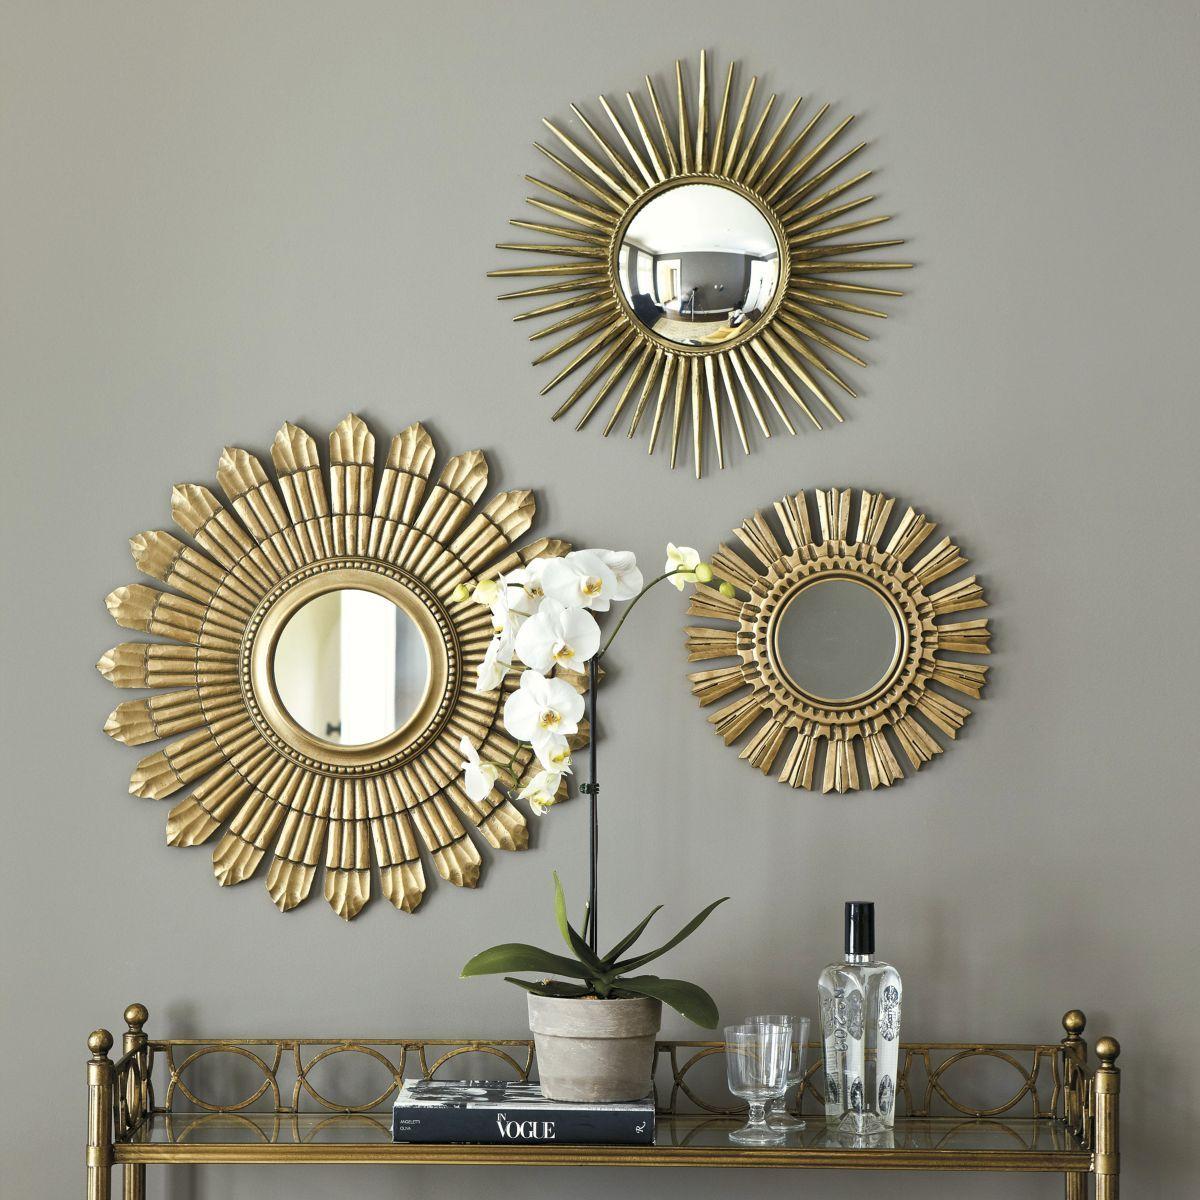 espejos redondos dorados sol vintage composicin circulares